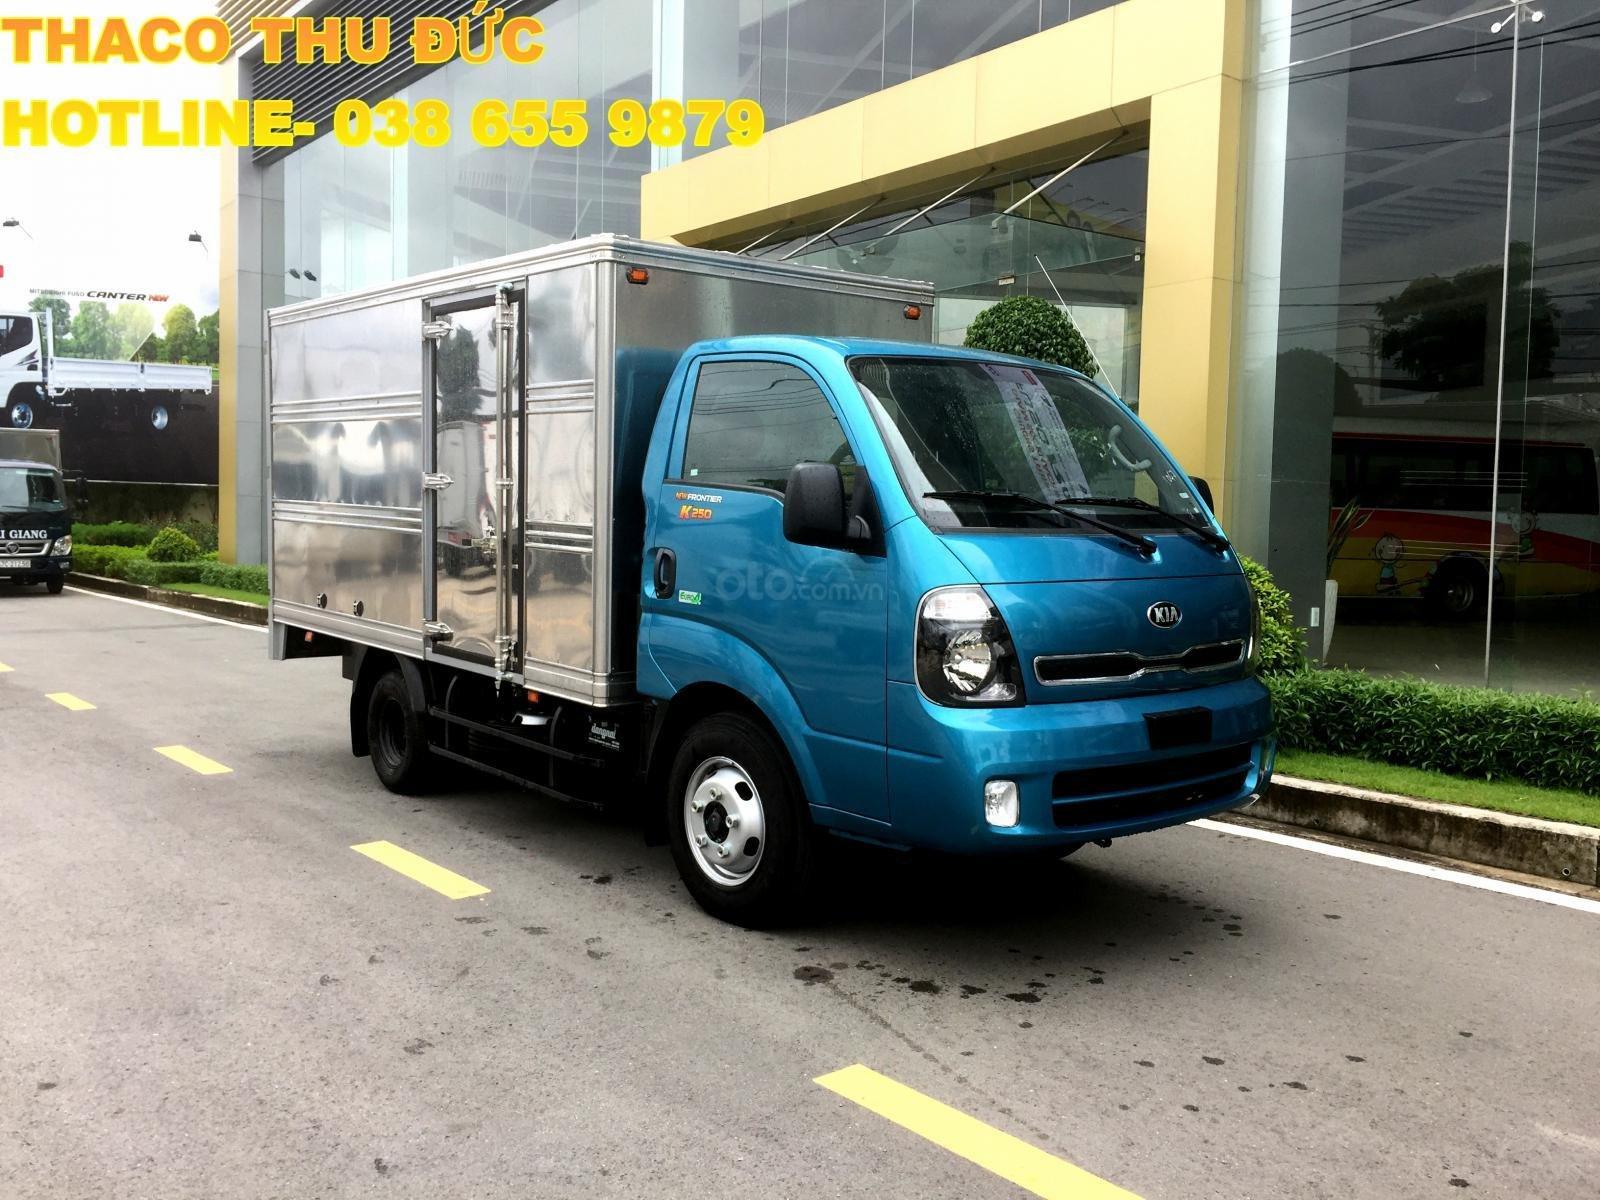 Bán xe tải giá tốt - Kia K250 thùng kín- dài 3,5m- tải 2,4T/ 1,4T- hỗ trợ trả góp 75%- LH 038 655 9879 (2)